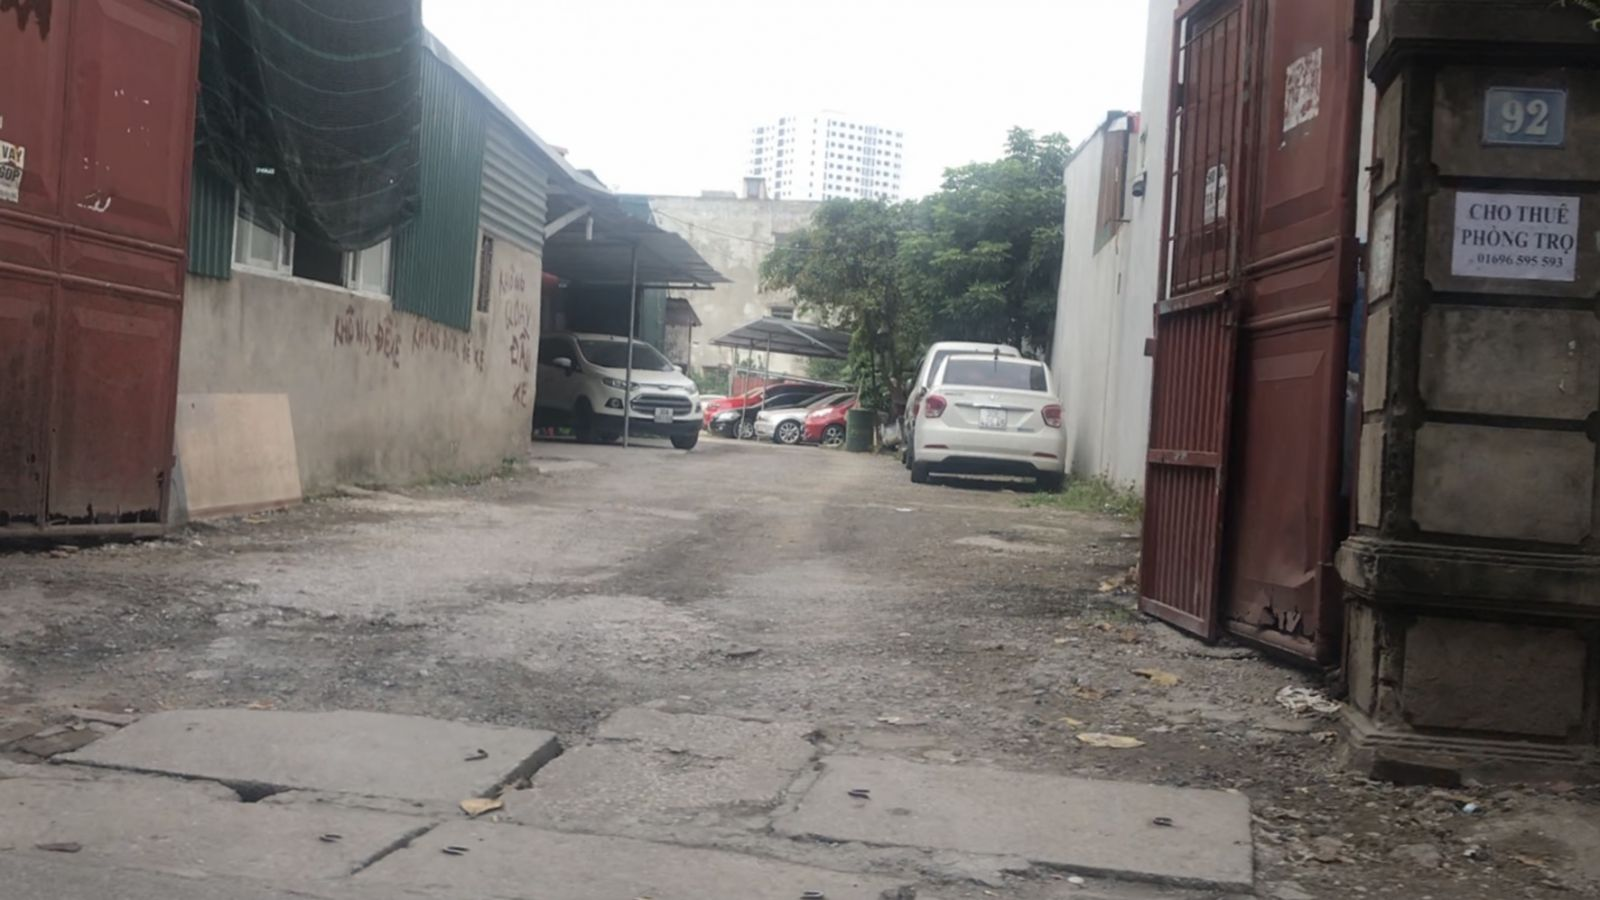 Bãi trông giữ xe không phép 92 Nguyễn Chính ngang nhiên hoạt động, bất chấp quy định pháp luật. (Ảnh: H.C)